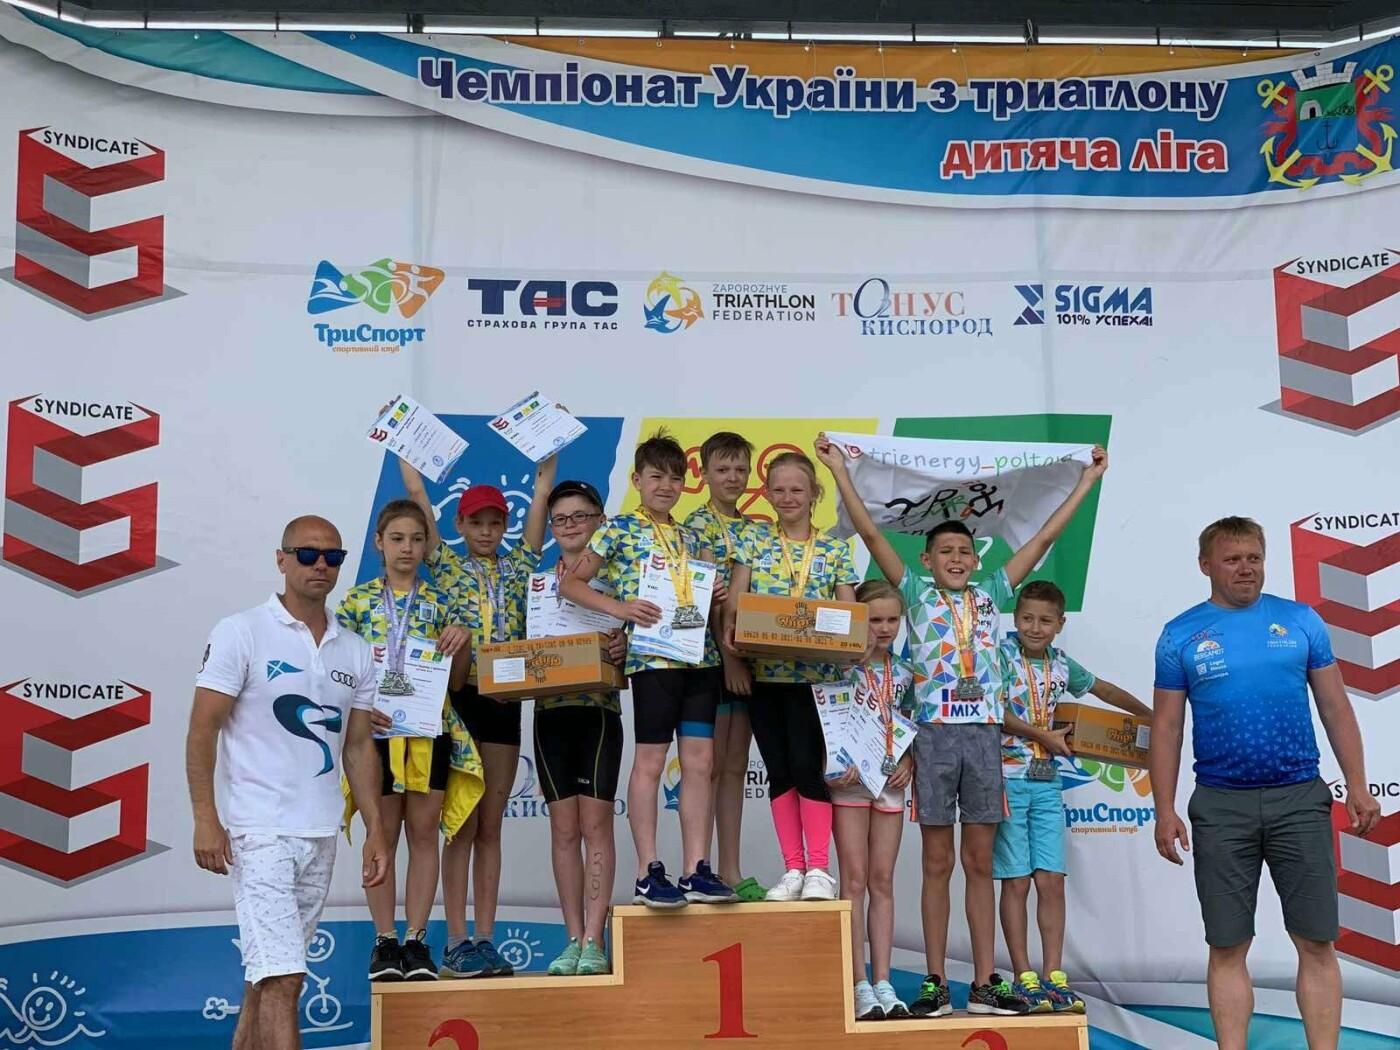 В Бердянске подвели итоги третьего этапа Чемпионата Украины по триатлону (ФОТО), фото-3